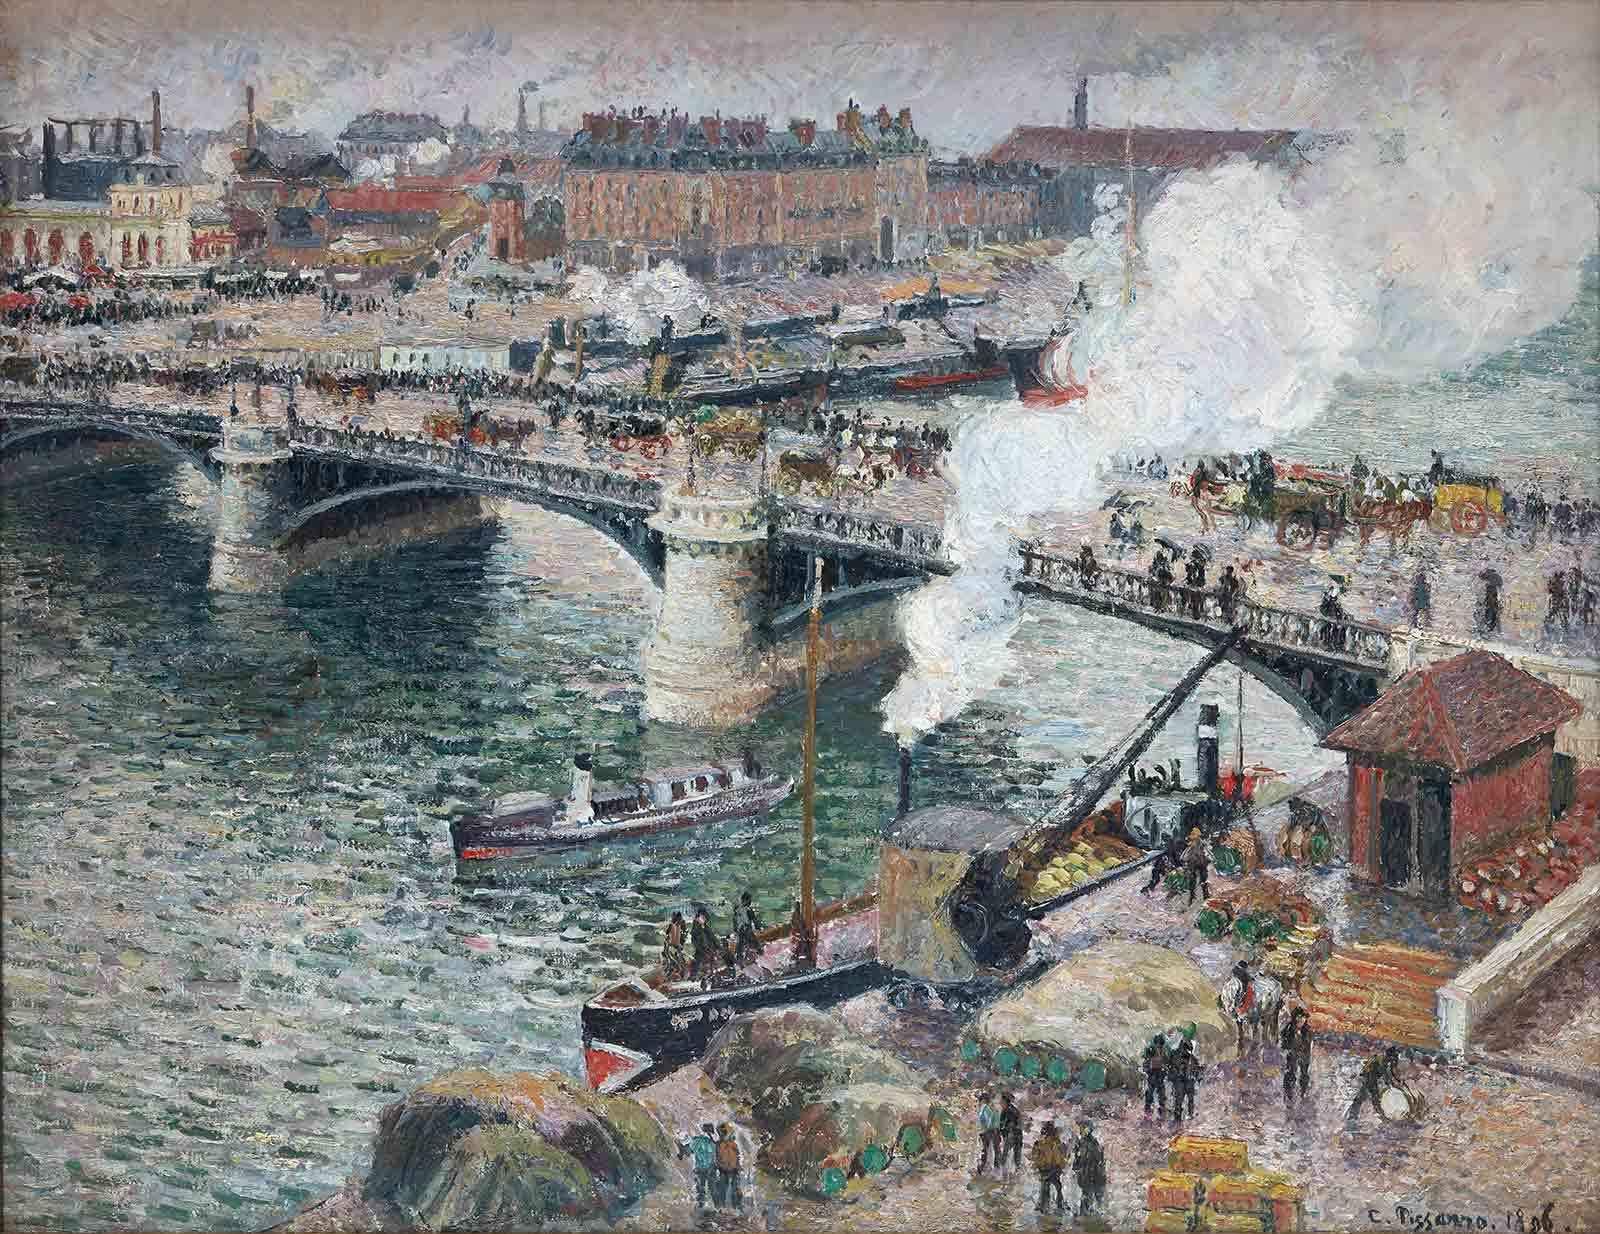 Camille Pissarro. Le pont Boieldieu à Rouen, temps mouillé